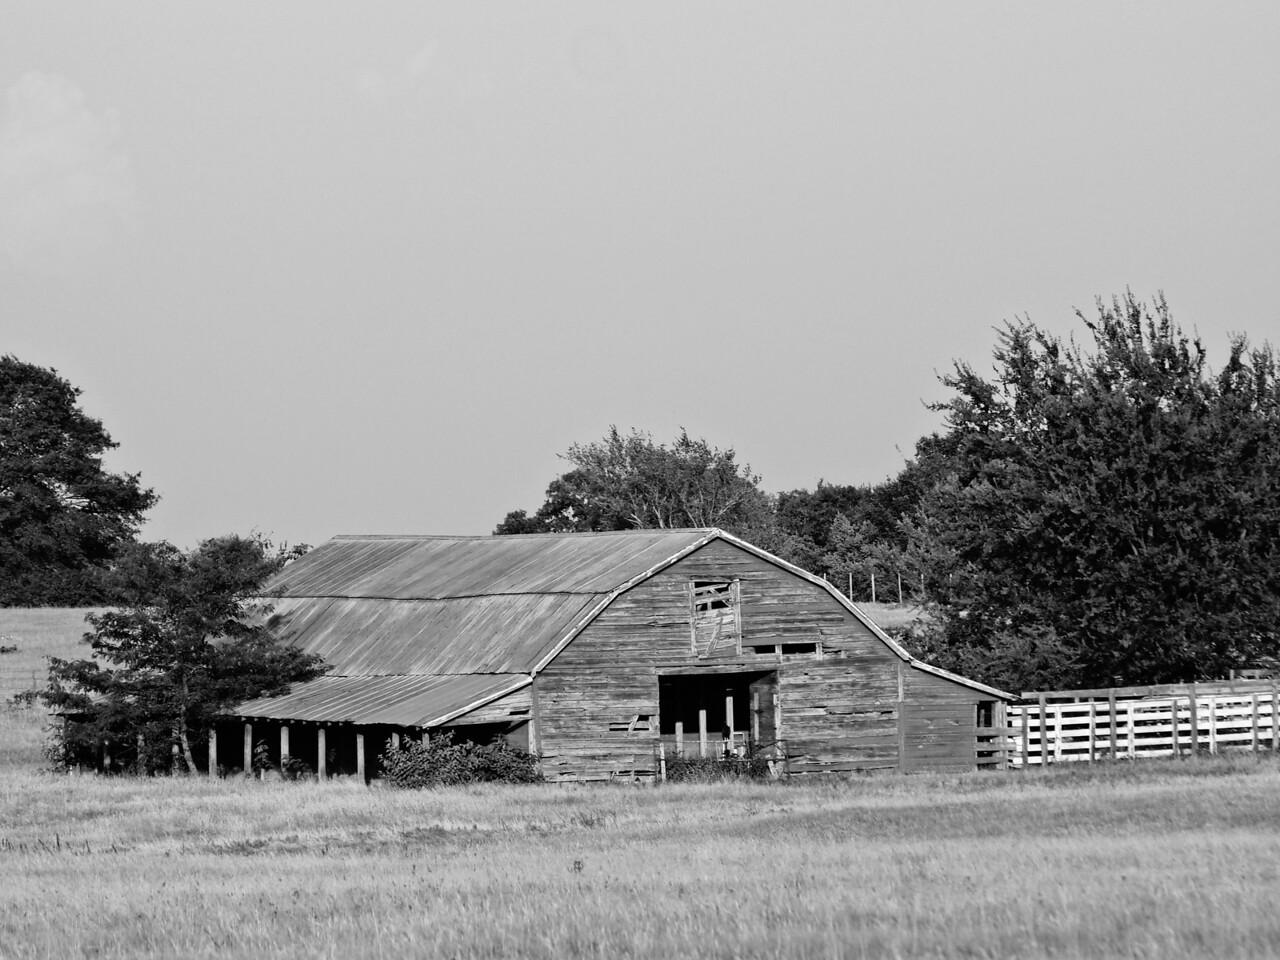 B&W Old Barn - Yantis, Texas